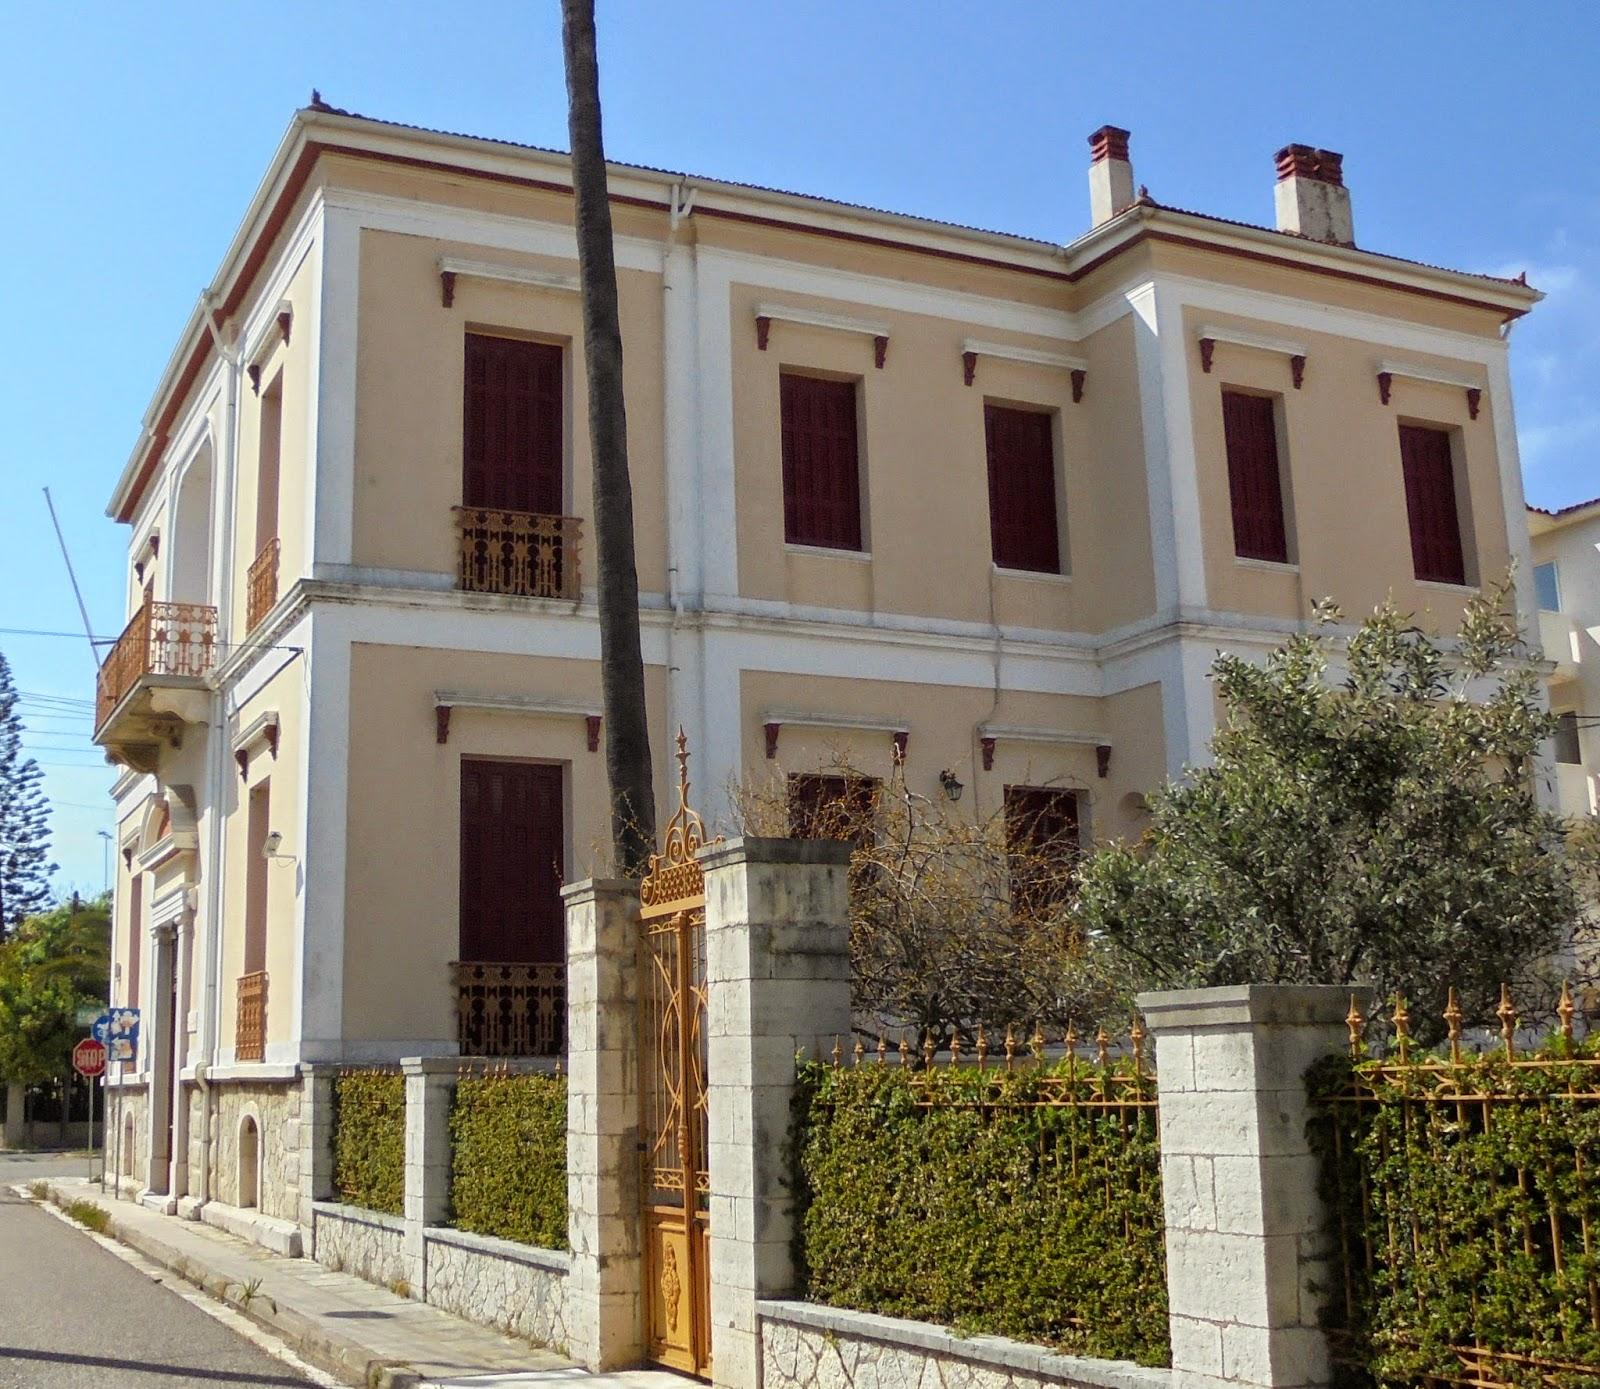 οικία του Πετρόπουλου Κωστάκη στο Μεσολόγγι